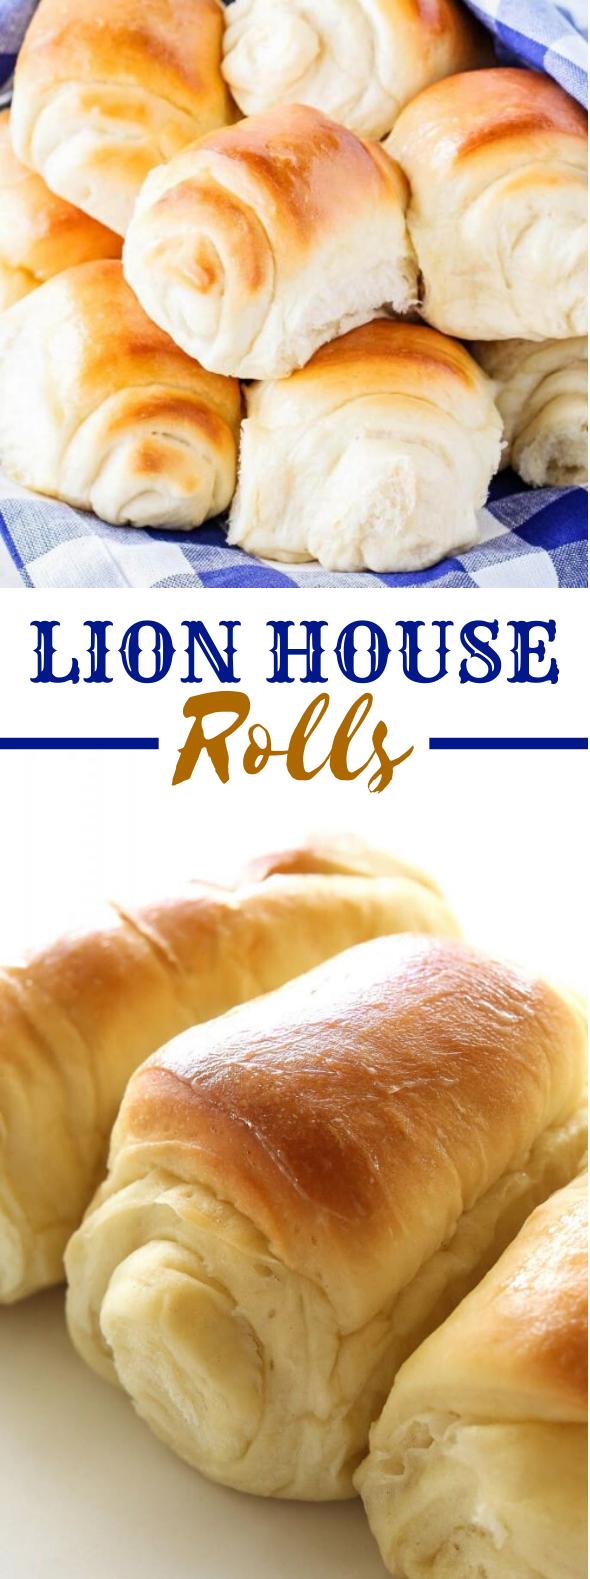 LION HOUSE ROLLS #thanksgiving #dinner